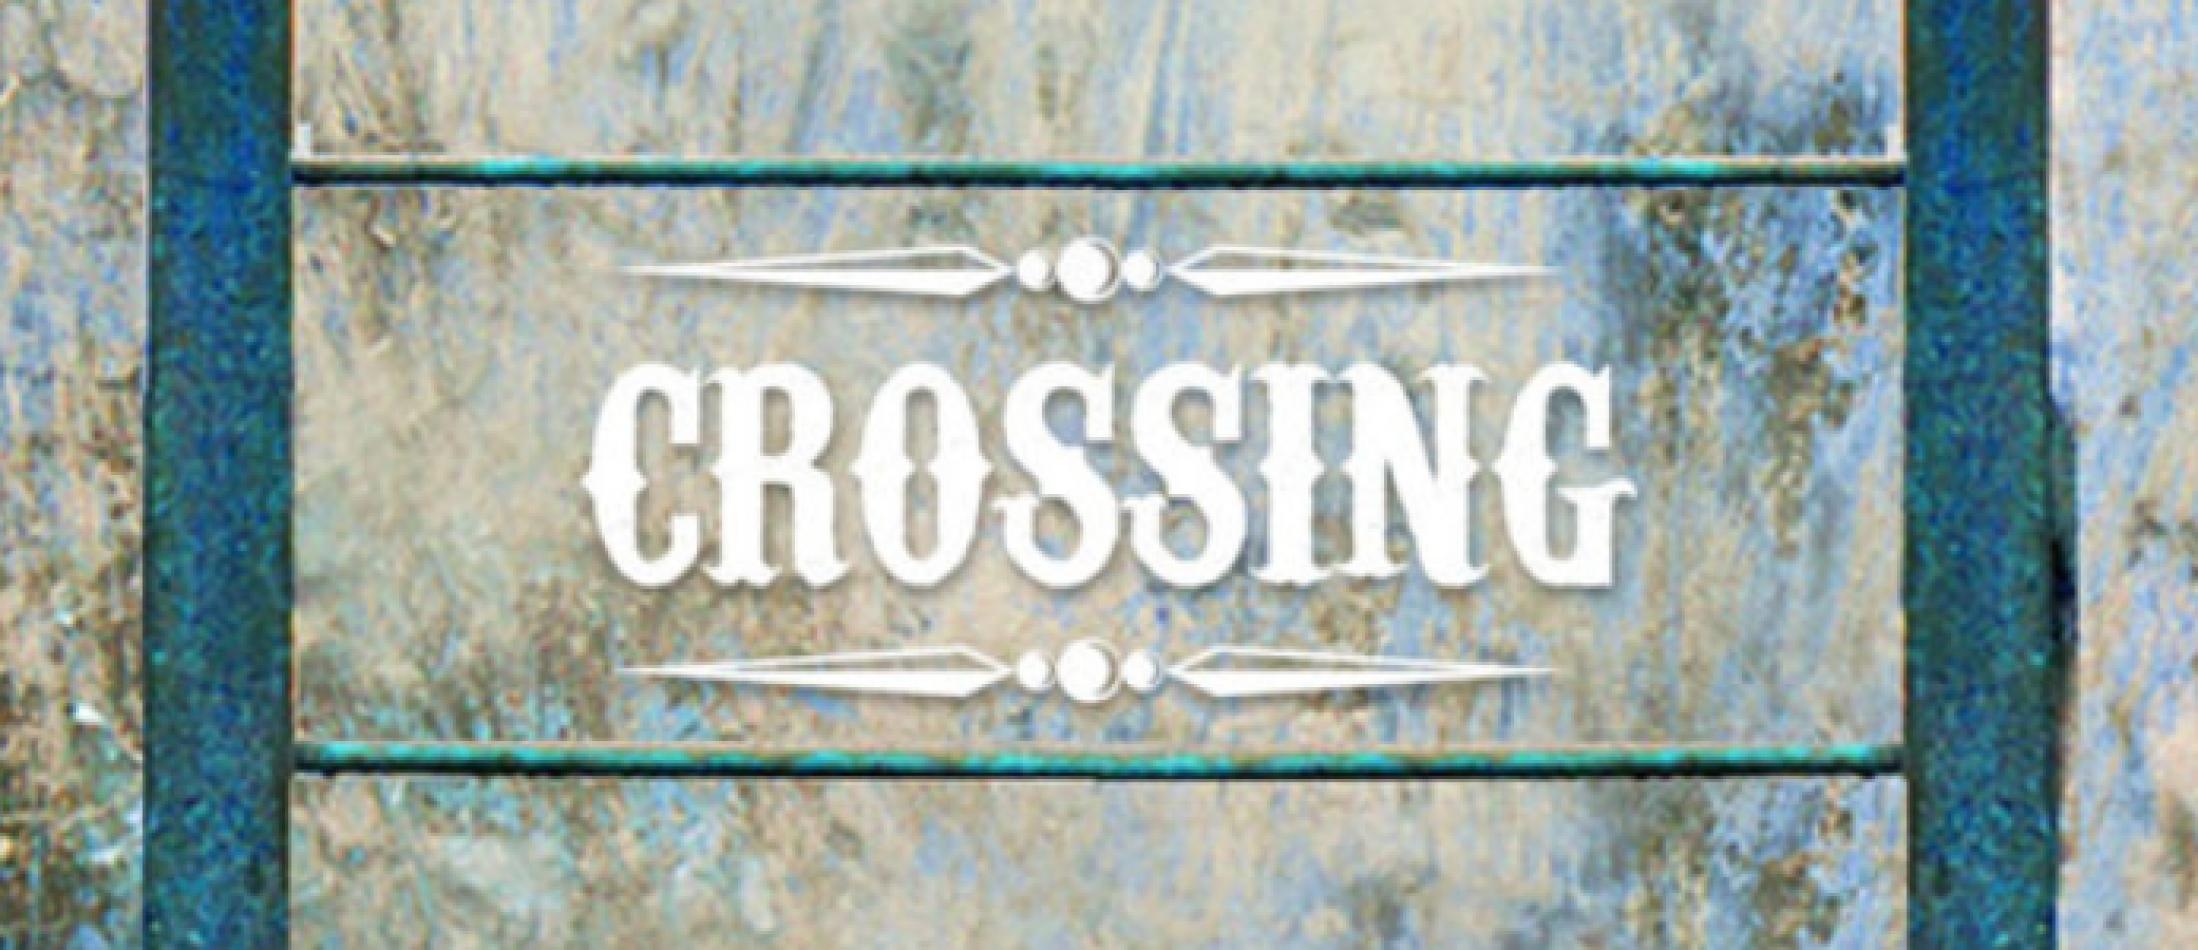 CROSSING SARL